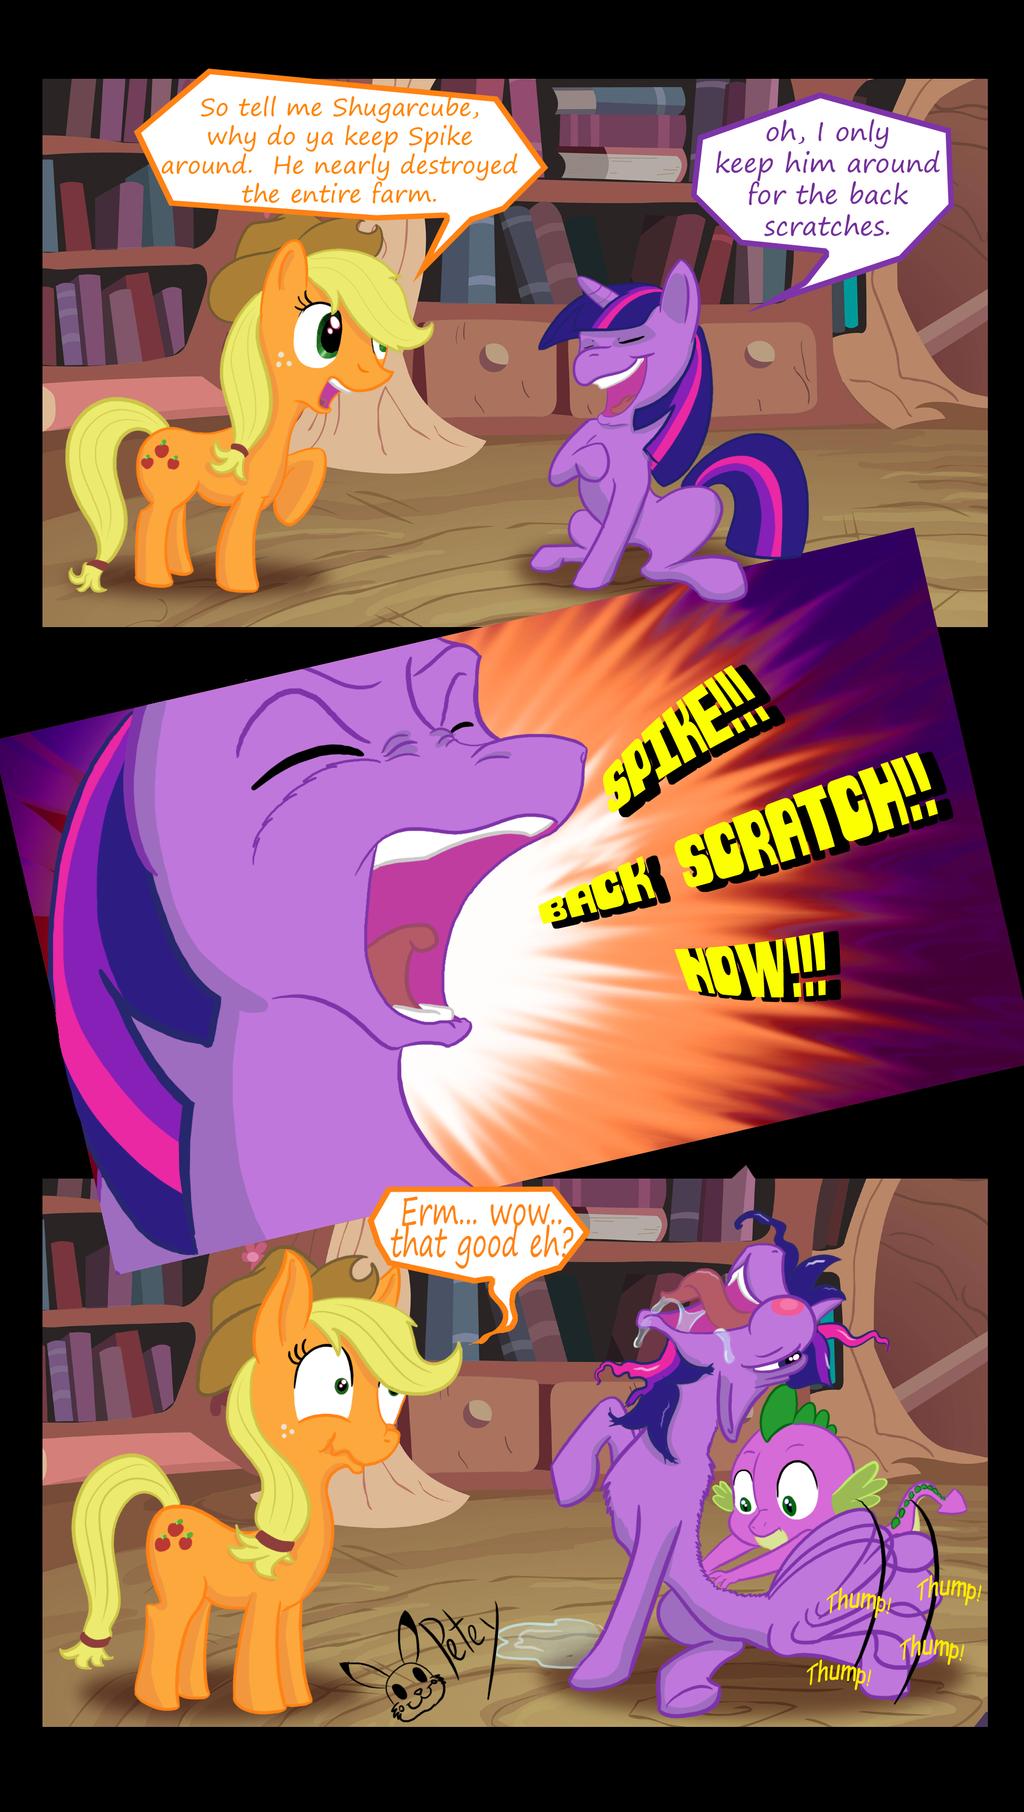 Backscratch by Pikapetey